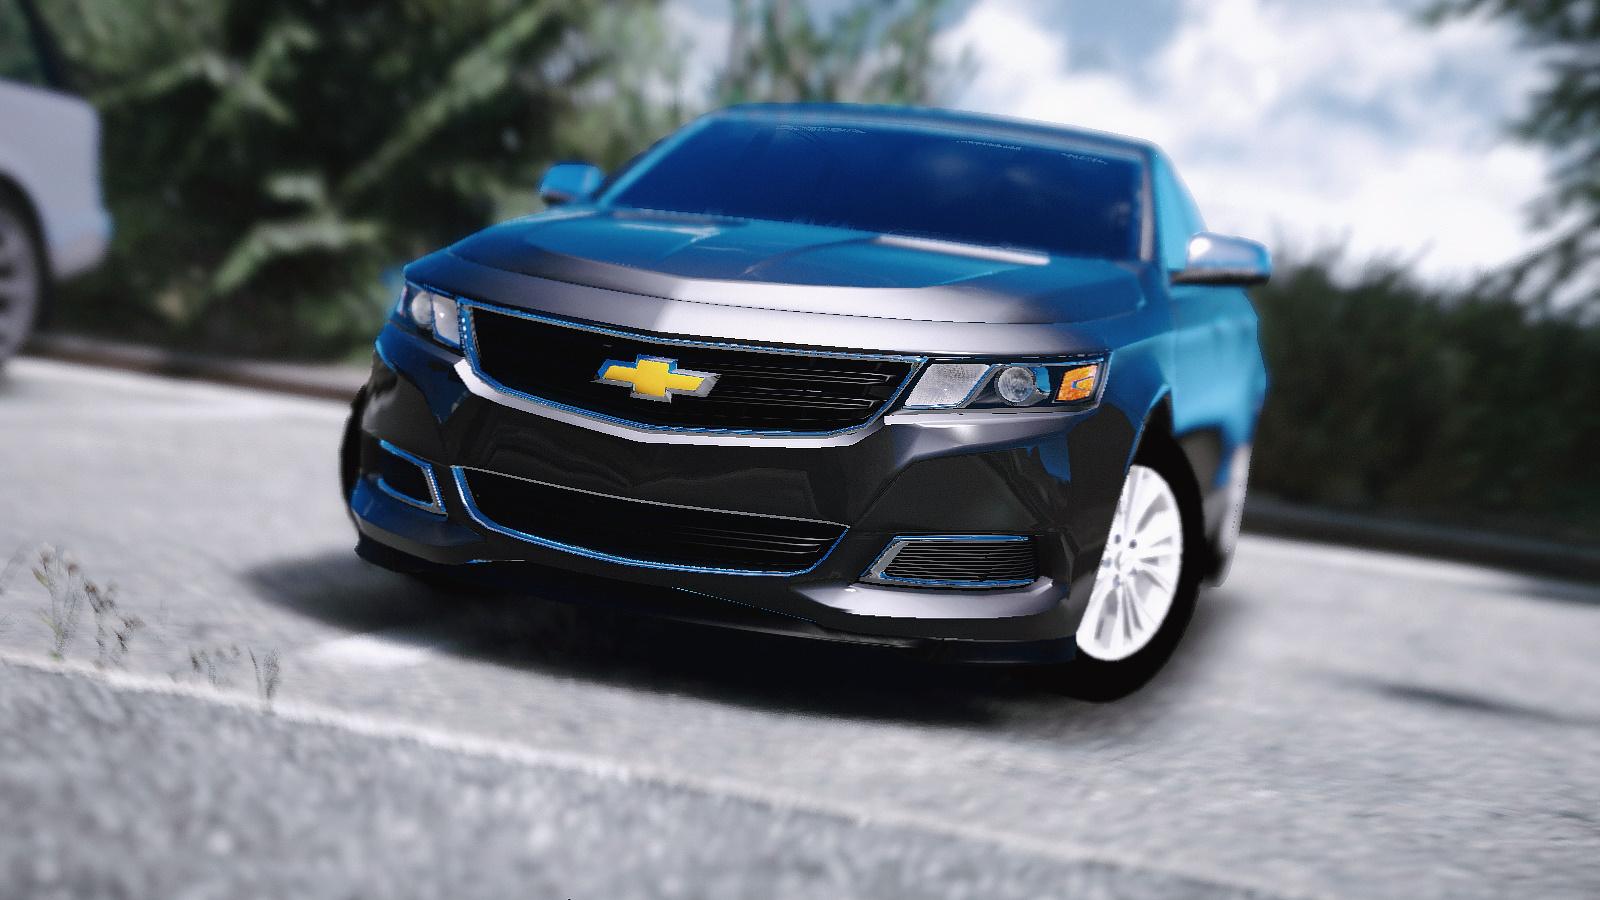 Impala 2015 chevrolet impala : 2015 Chevrolet Impala - GTA5-Mods.com